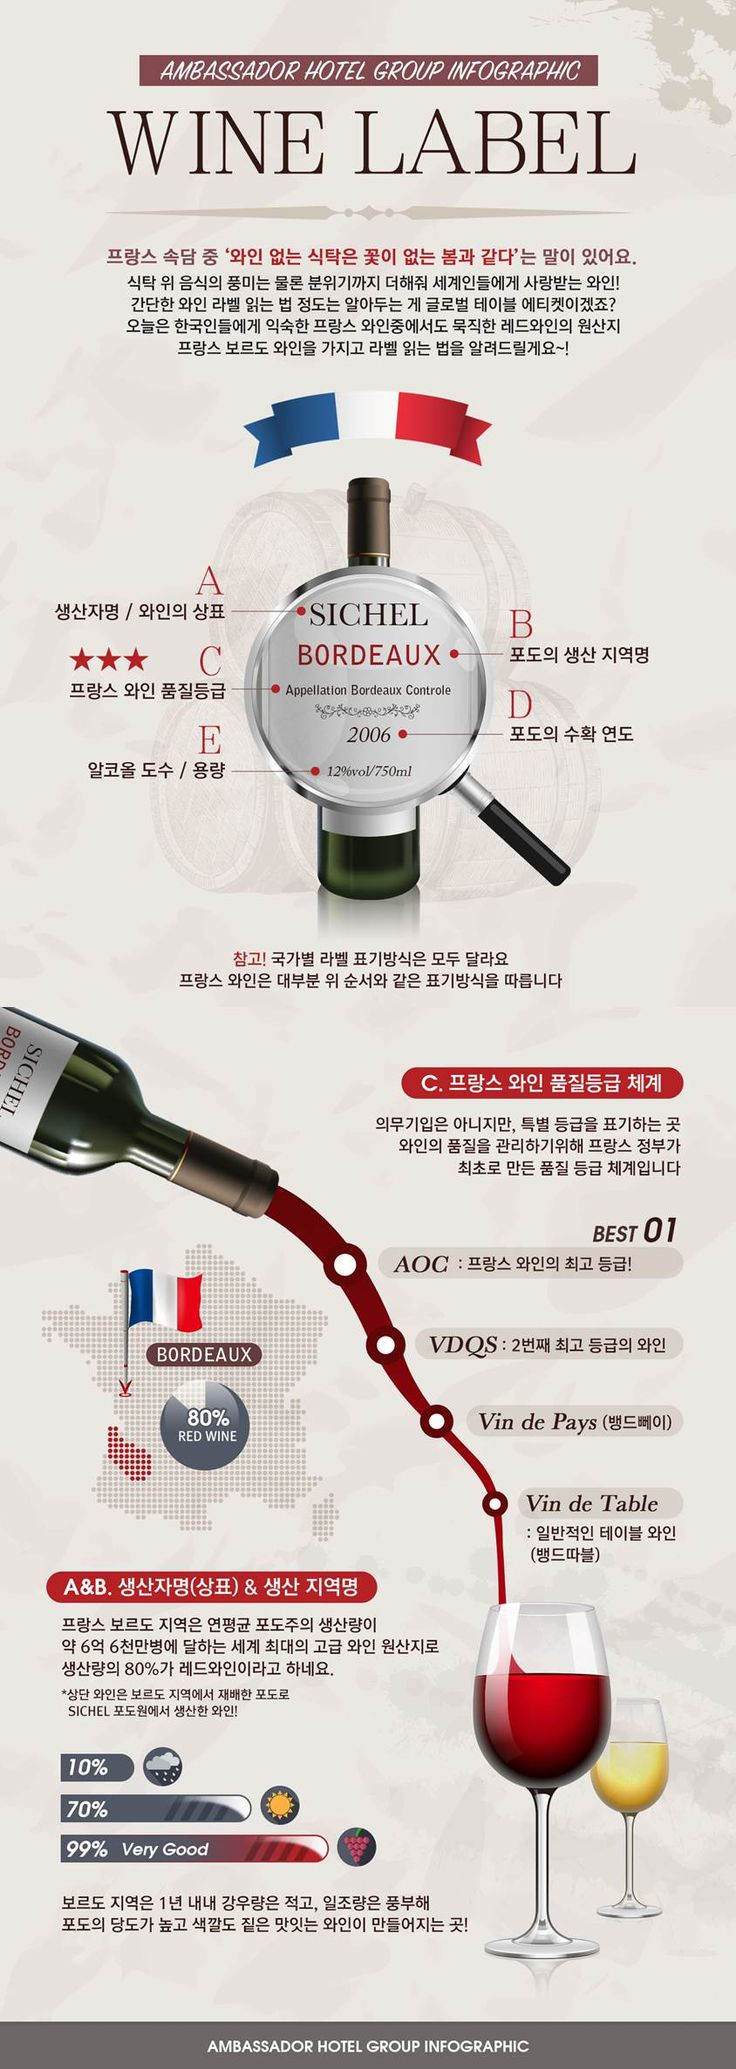 와인라벨 읽기 인포그래픽 #인포그래픽 #infographic #wine #manner